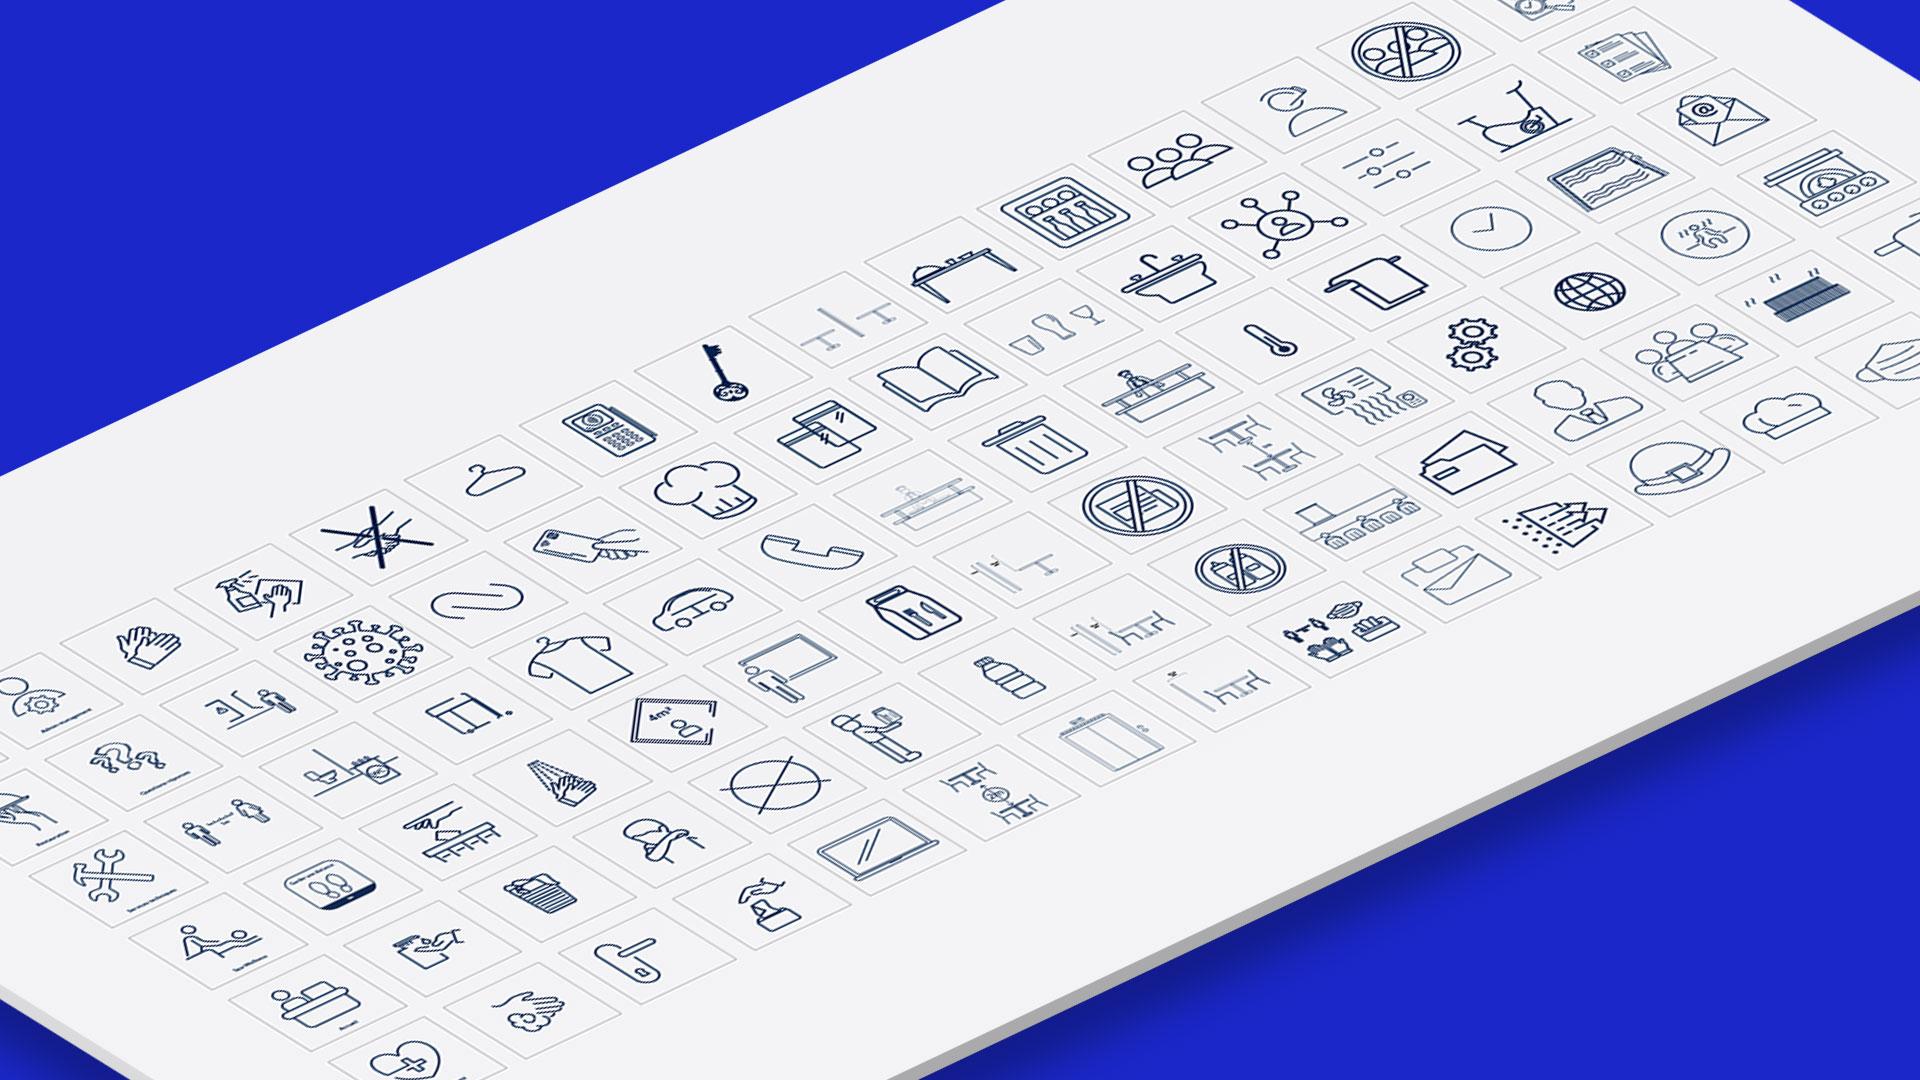 icones_isometric